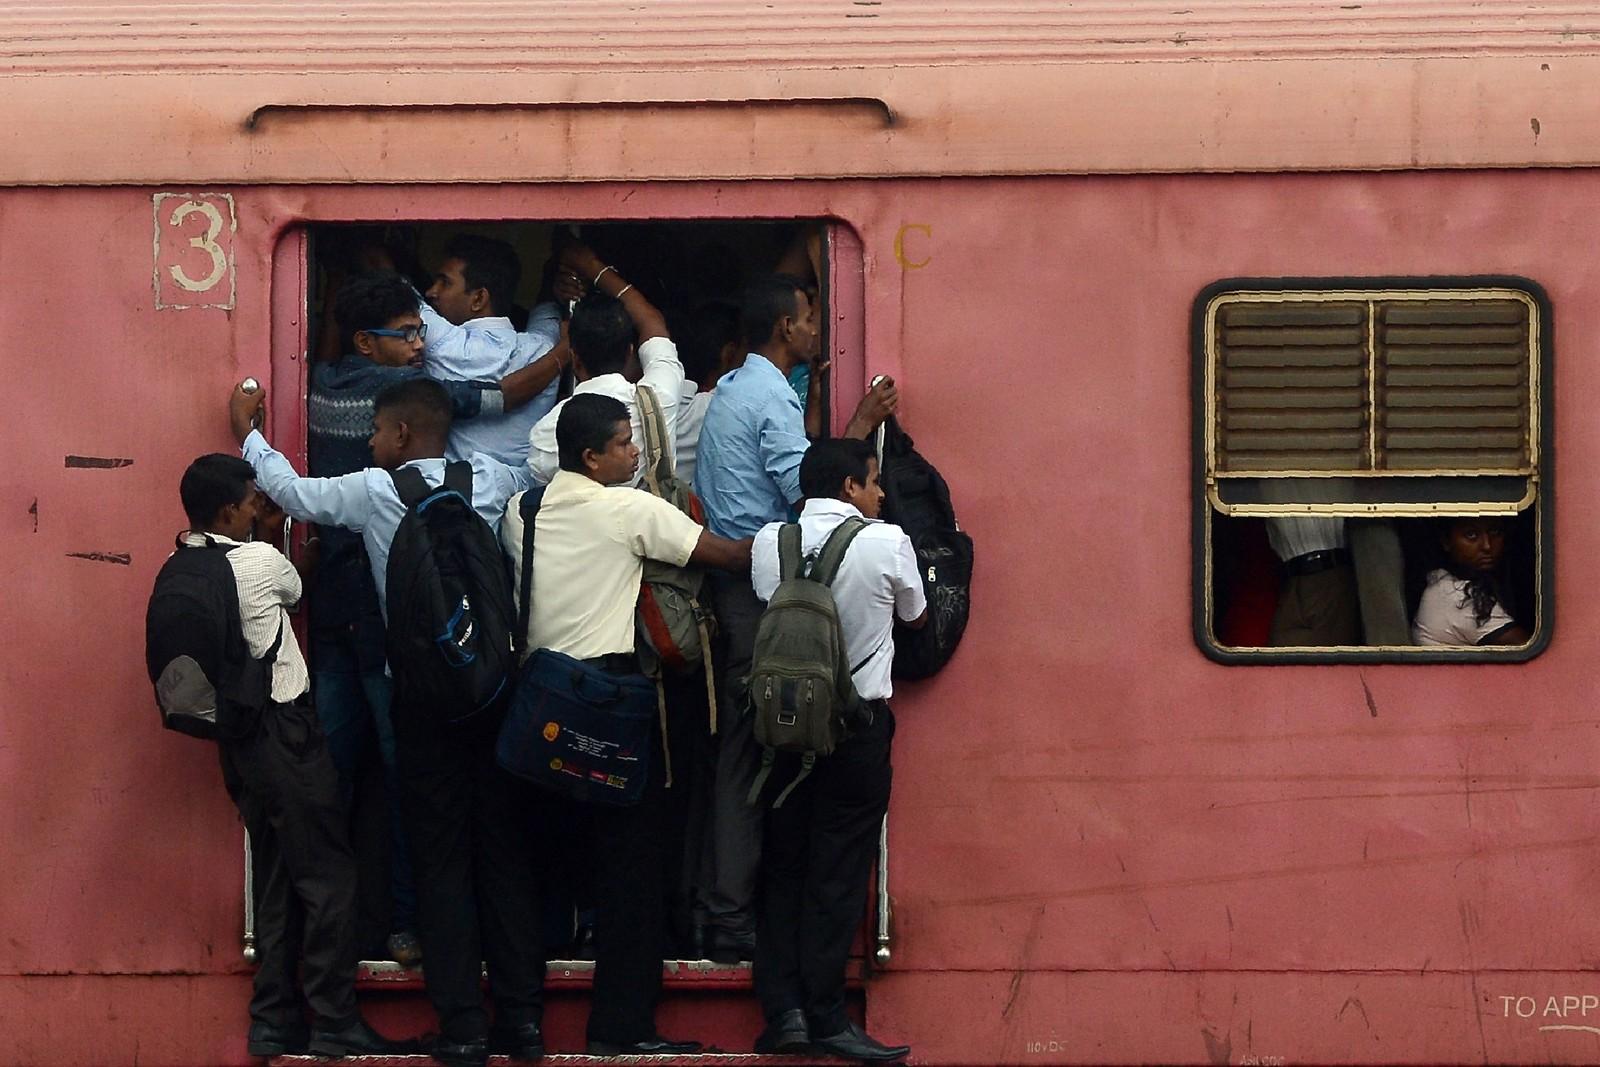 Tog er et rimelig transportmiddel på Sri Lanka, noe som gjør at det ofte er trangt om plassen.